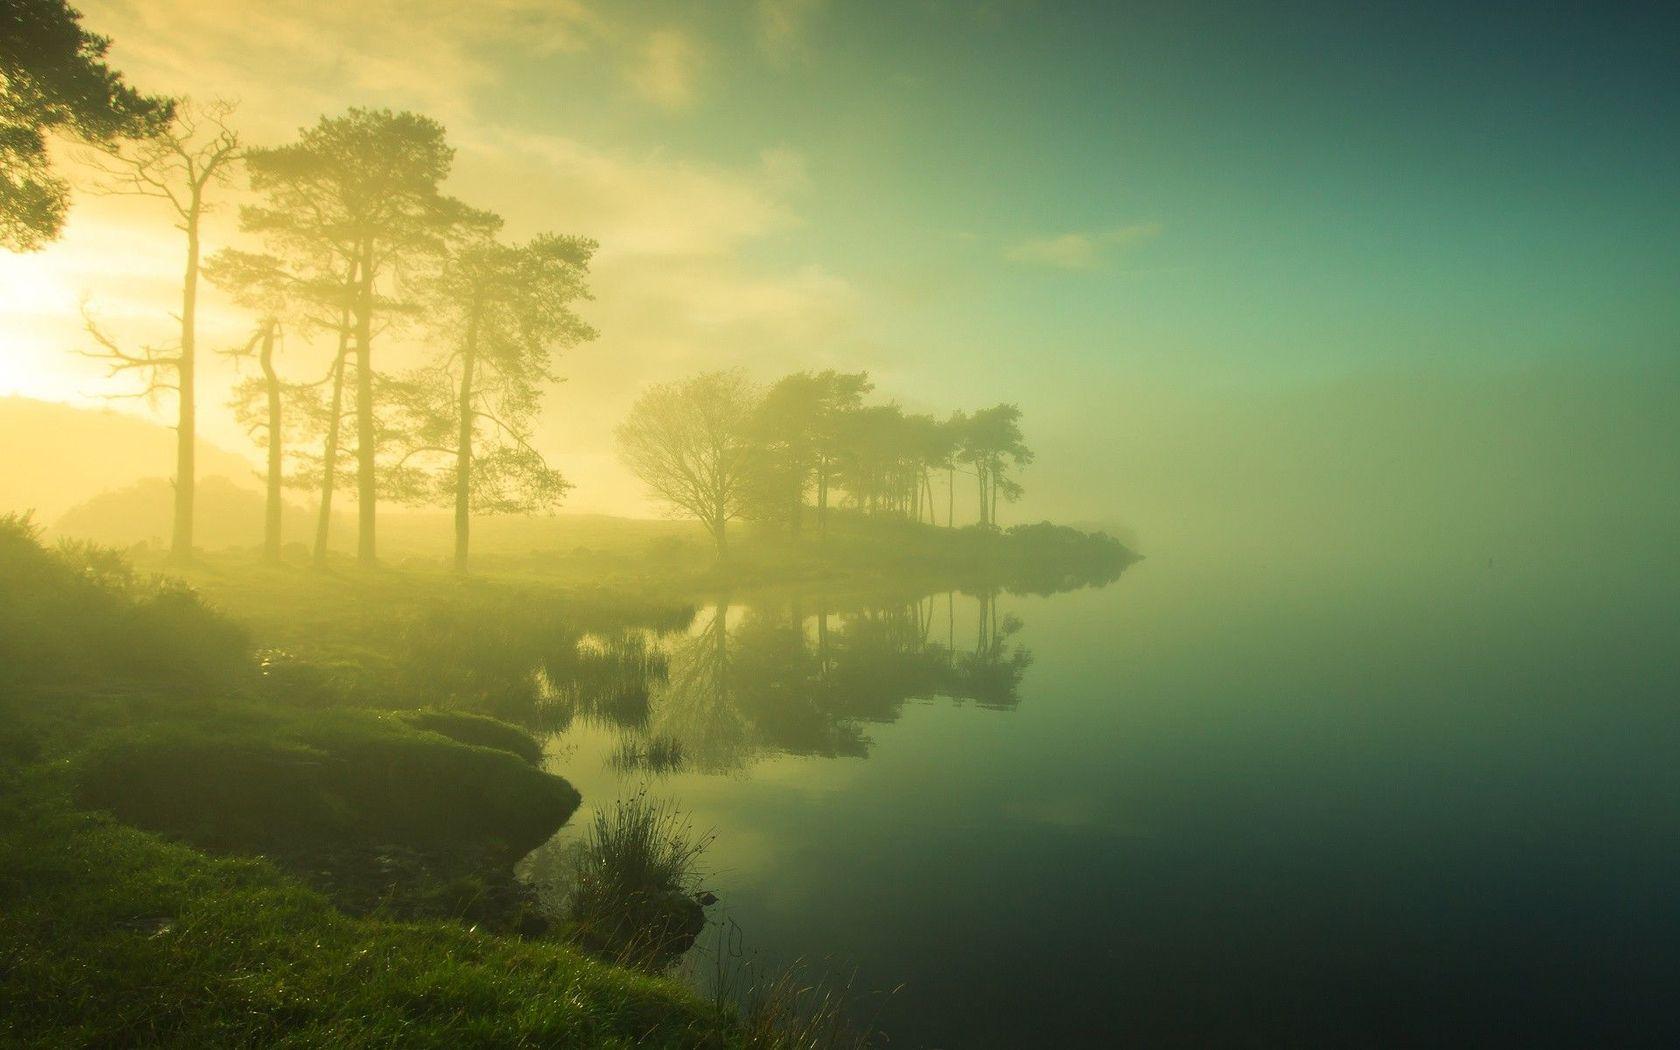 Mist Background